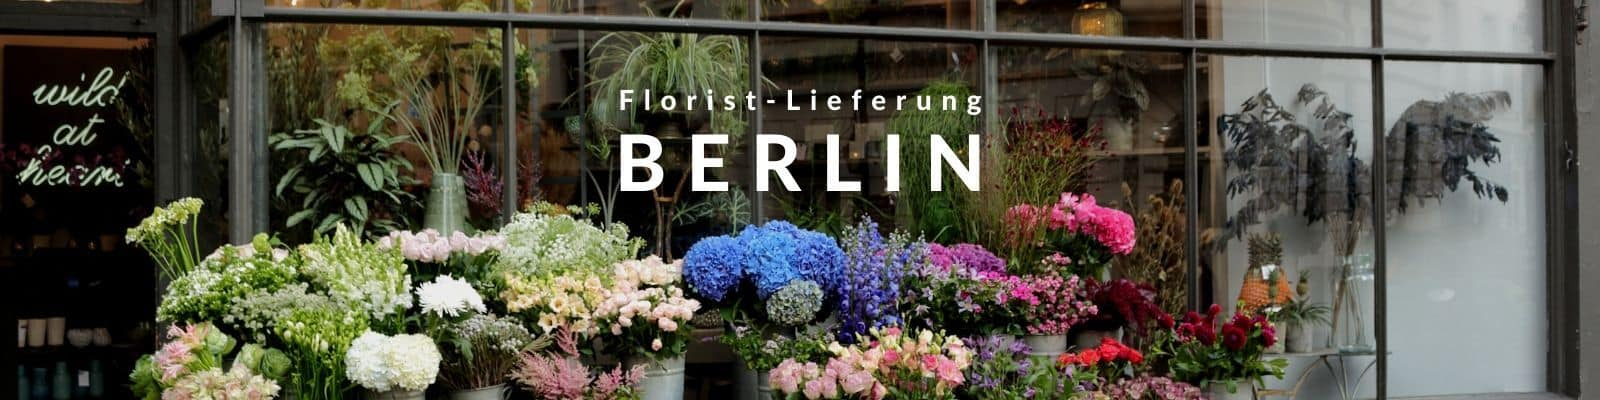 Blumen verschicken Berlin - Blumenversand Express